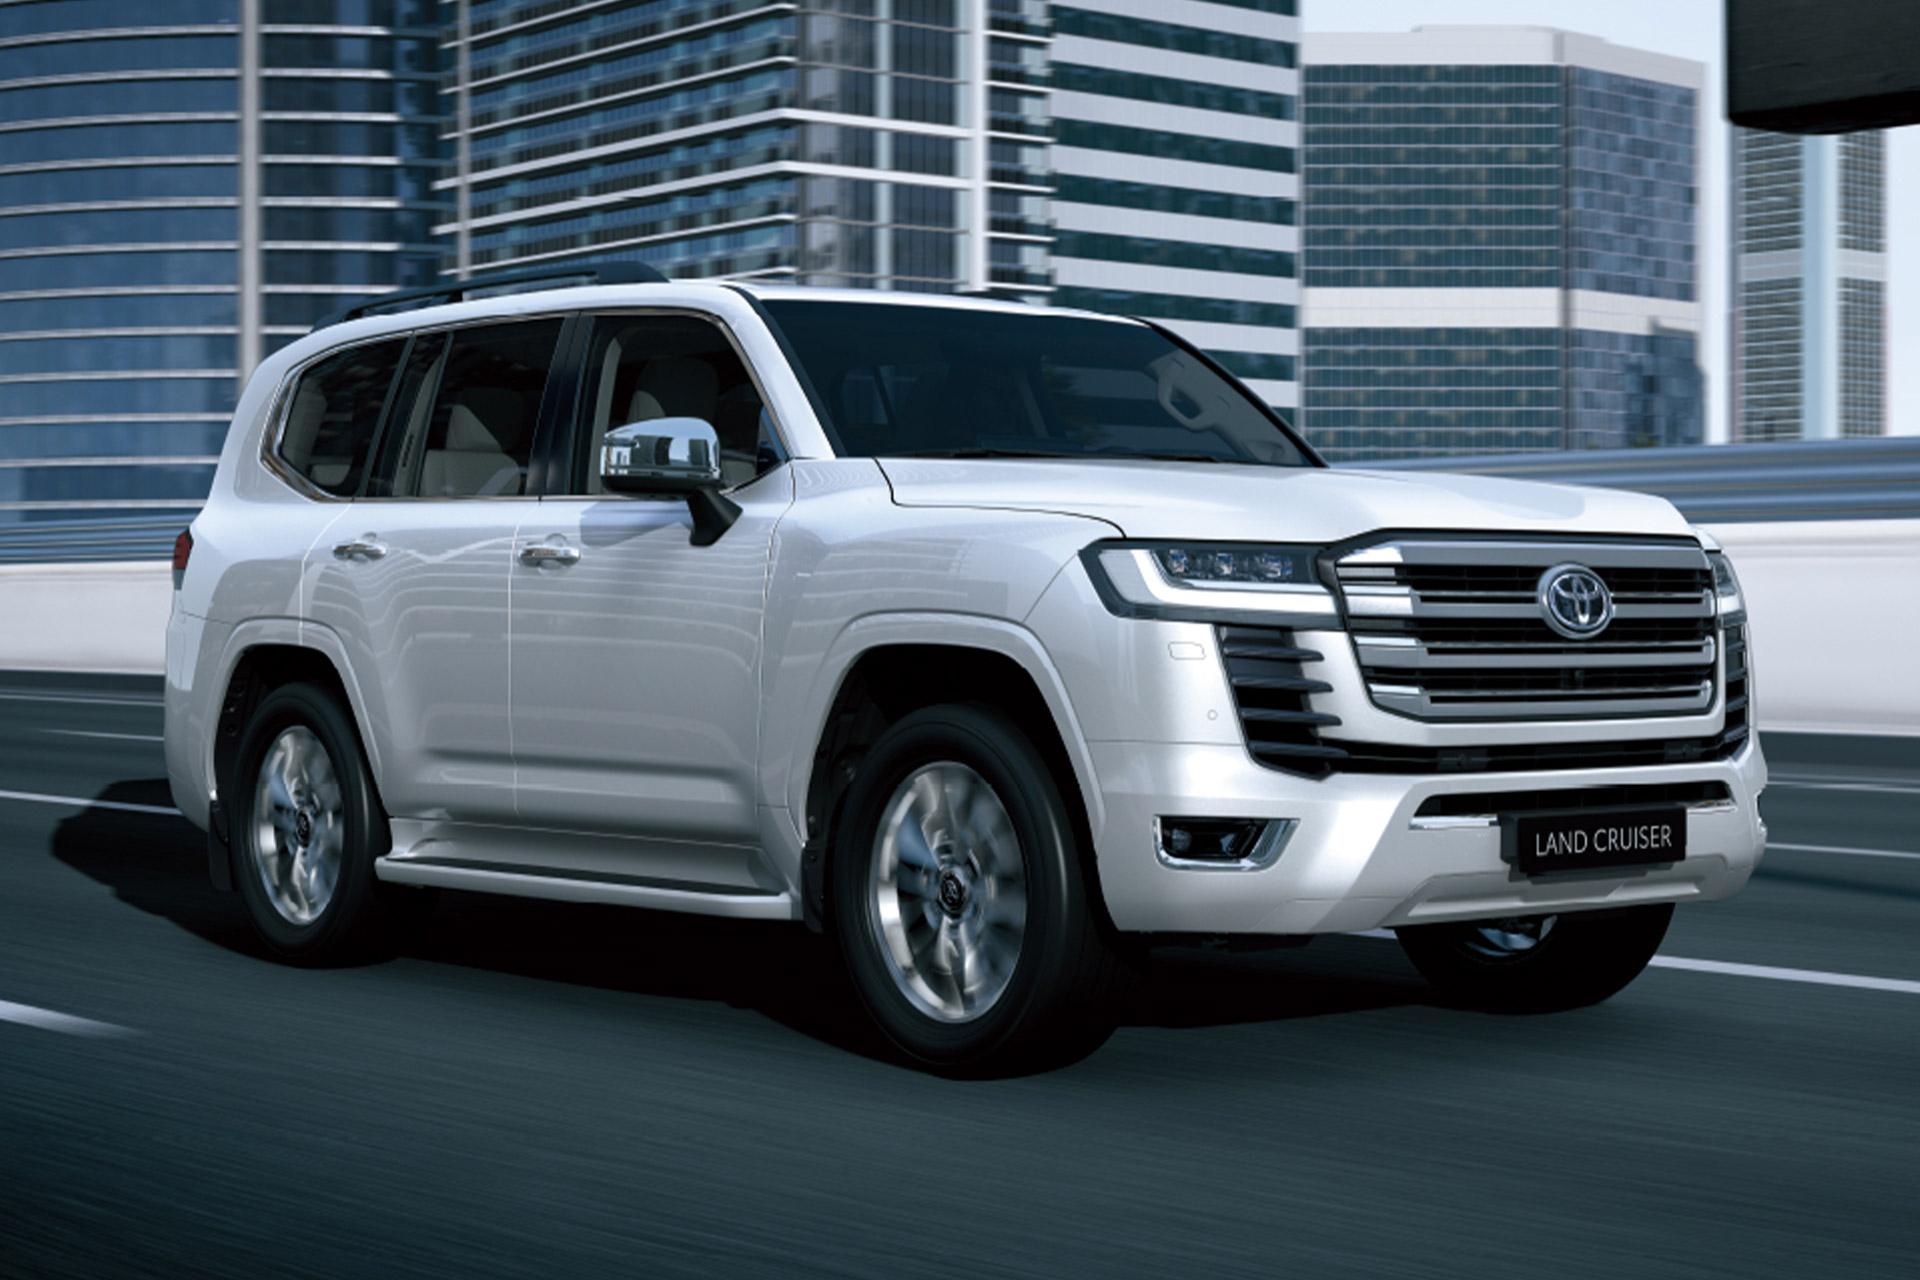 2022 Toyota Land Cruiser Diesel Photos